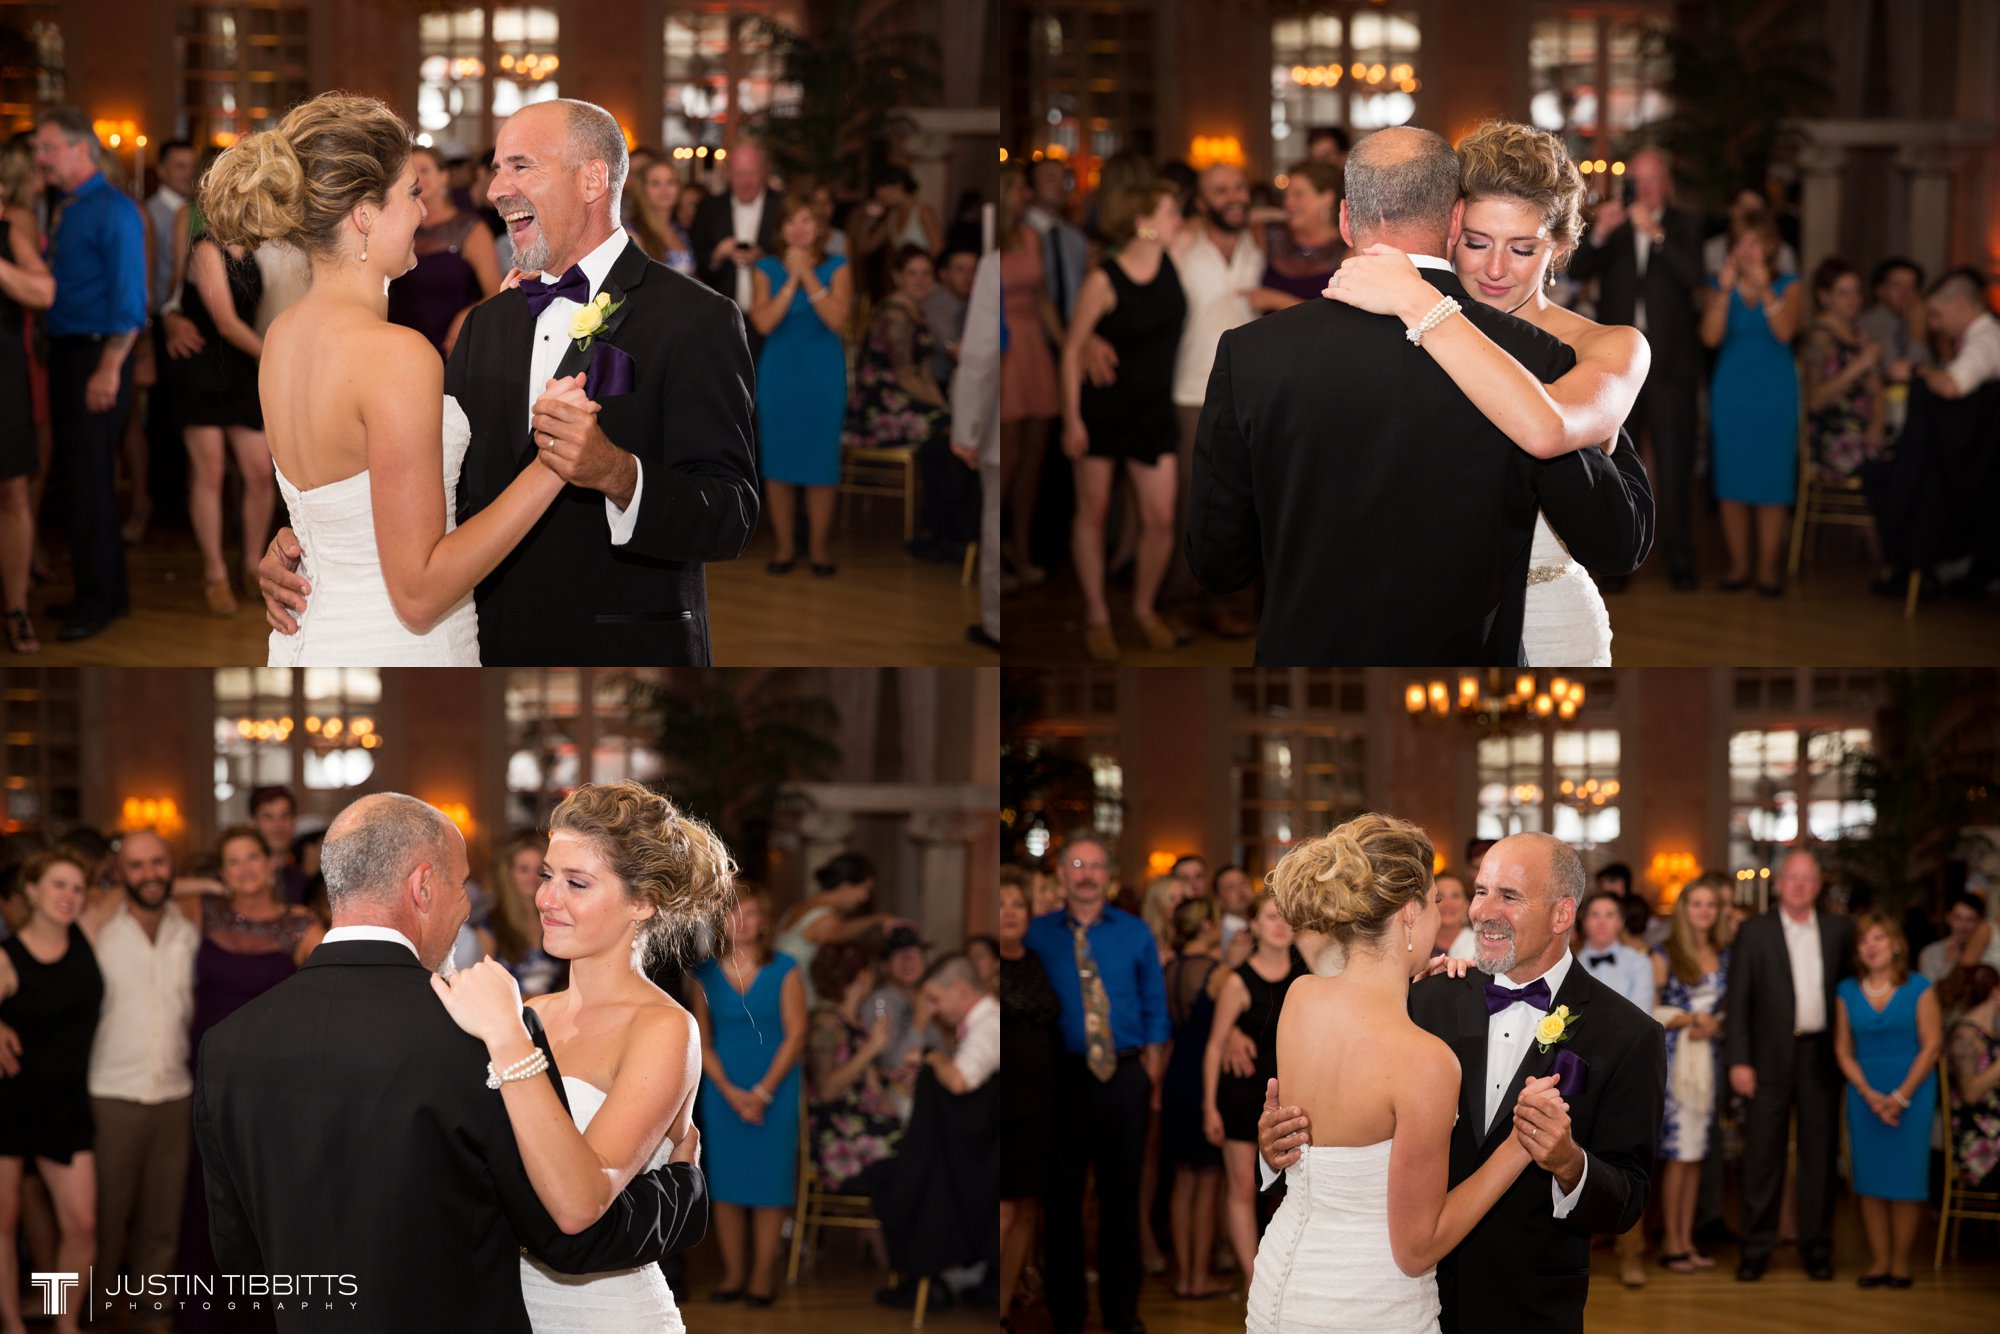 Albany NY Wedding Photographer Justin Tibbitts Photography Albany NY Best of Weddings42Albany NY Wedding Photographer Justin Tibbitts Photography Albany NY Best of Weddings18